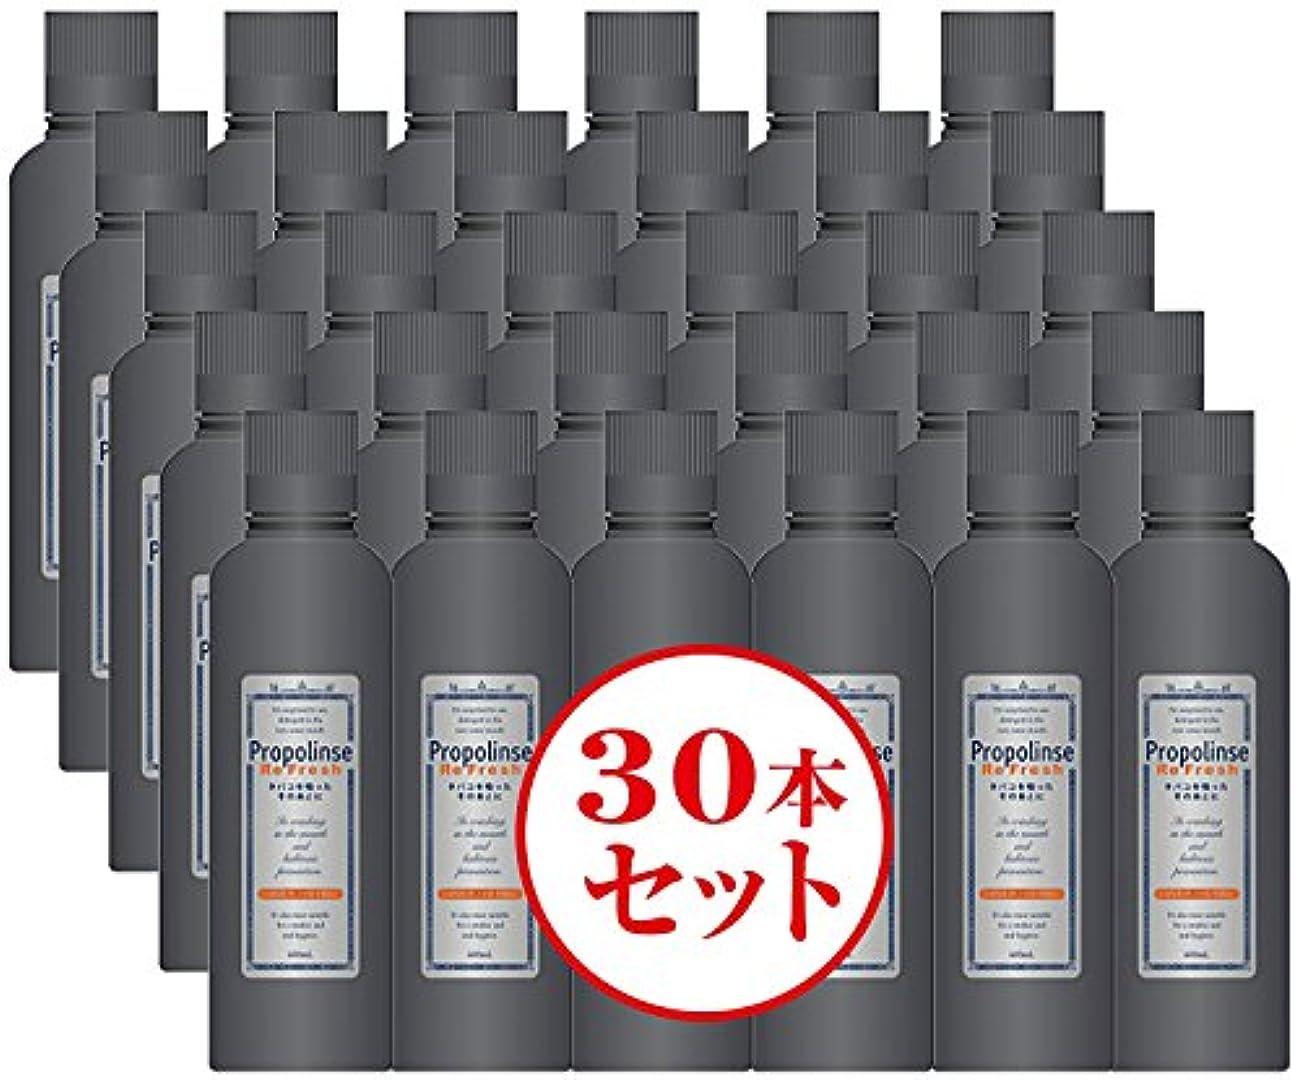 ホームレスタイプ引き渡すプロポリンス タバコ用600ml×30本